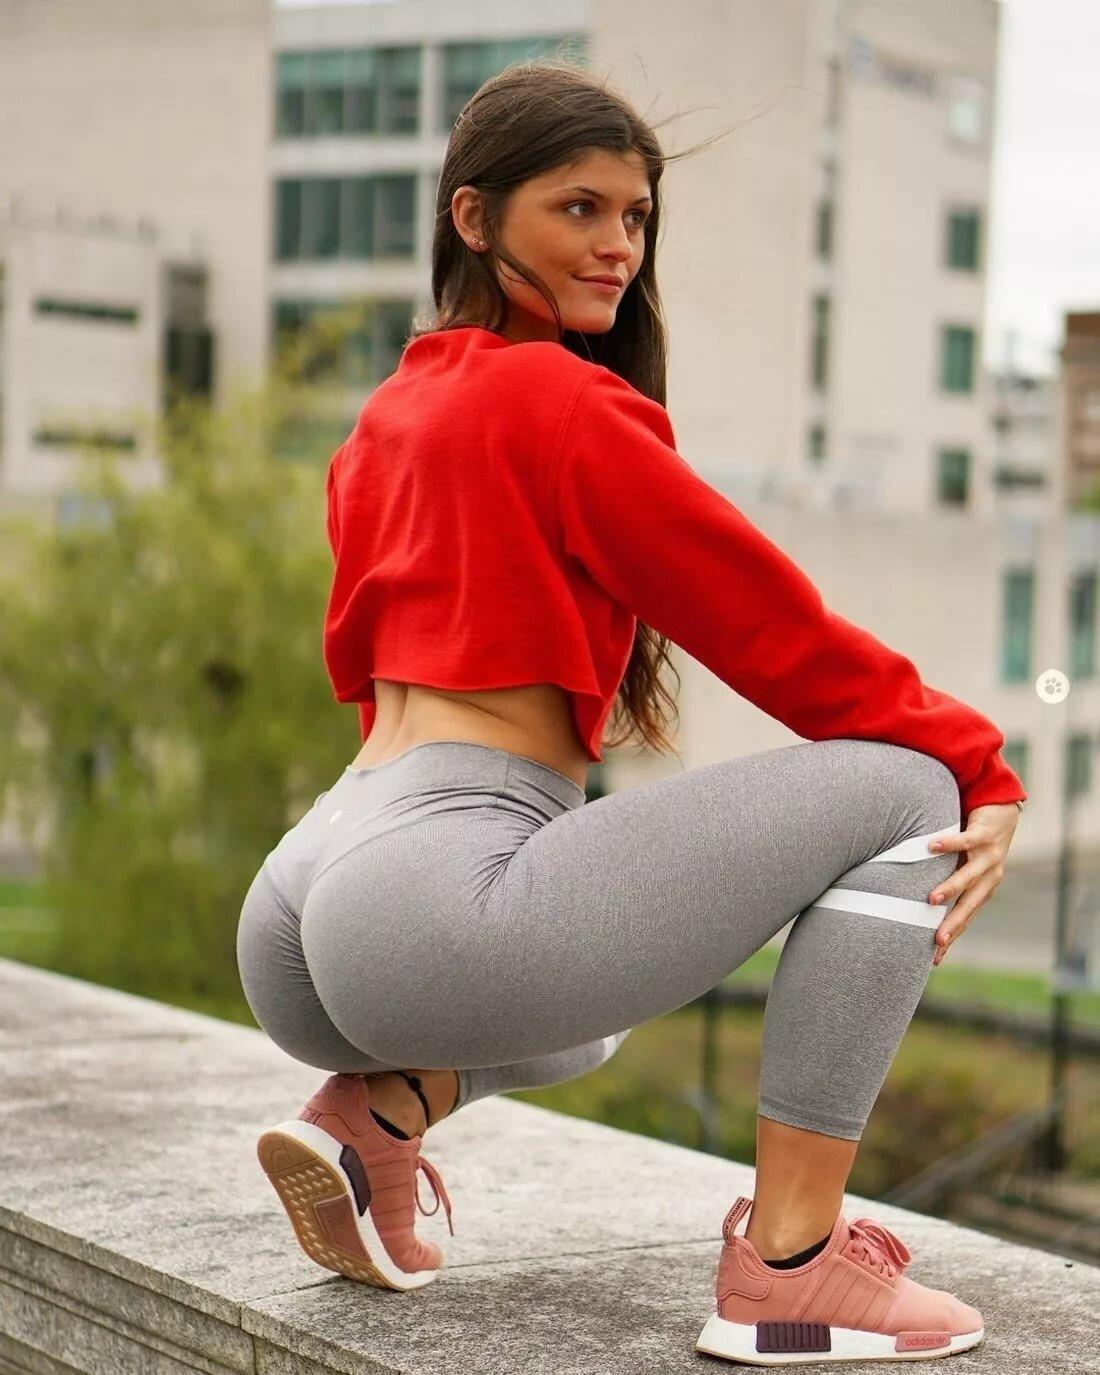 Hot Yoga Pants Photos